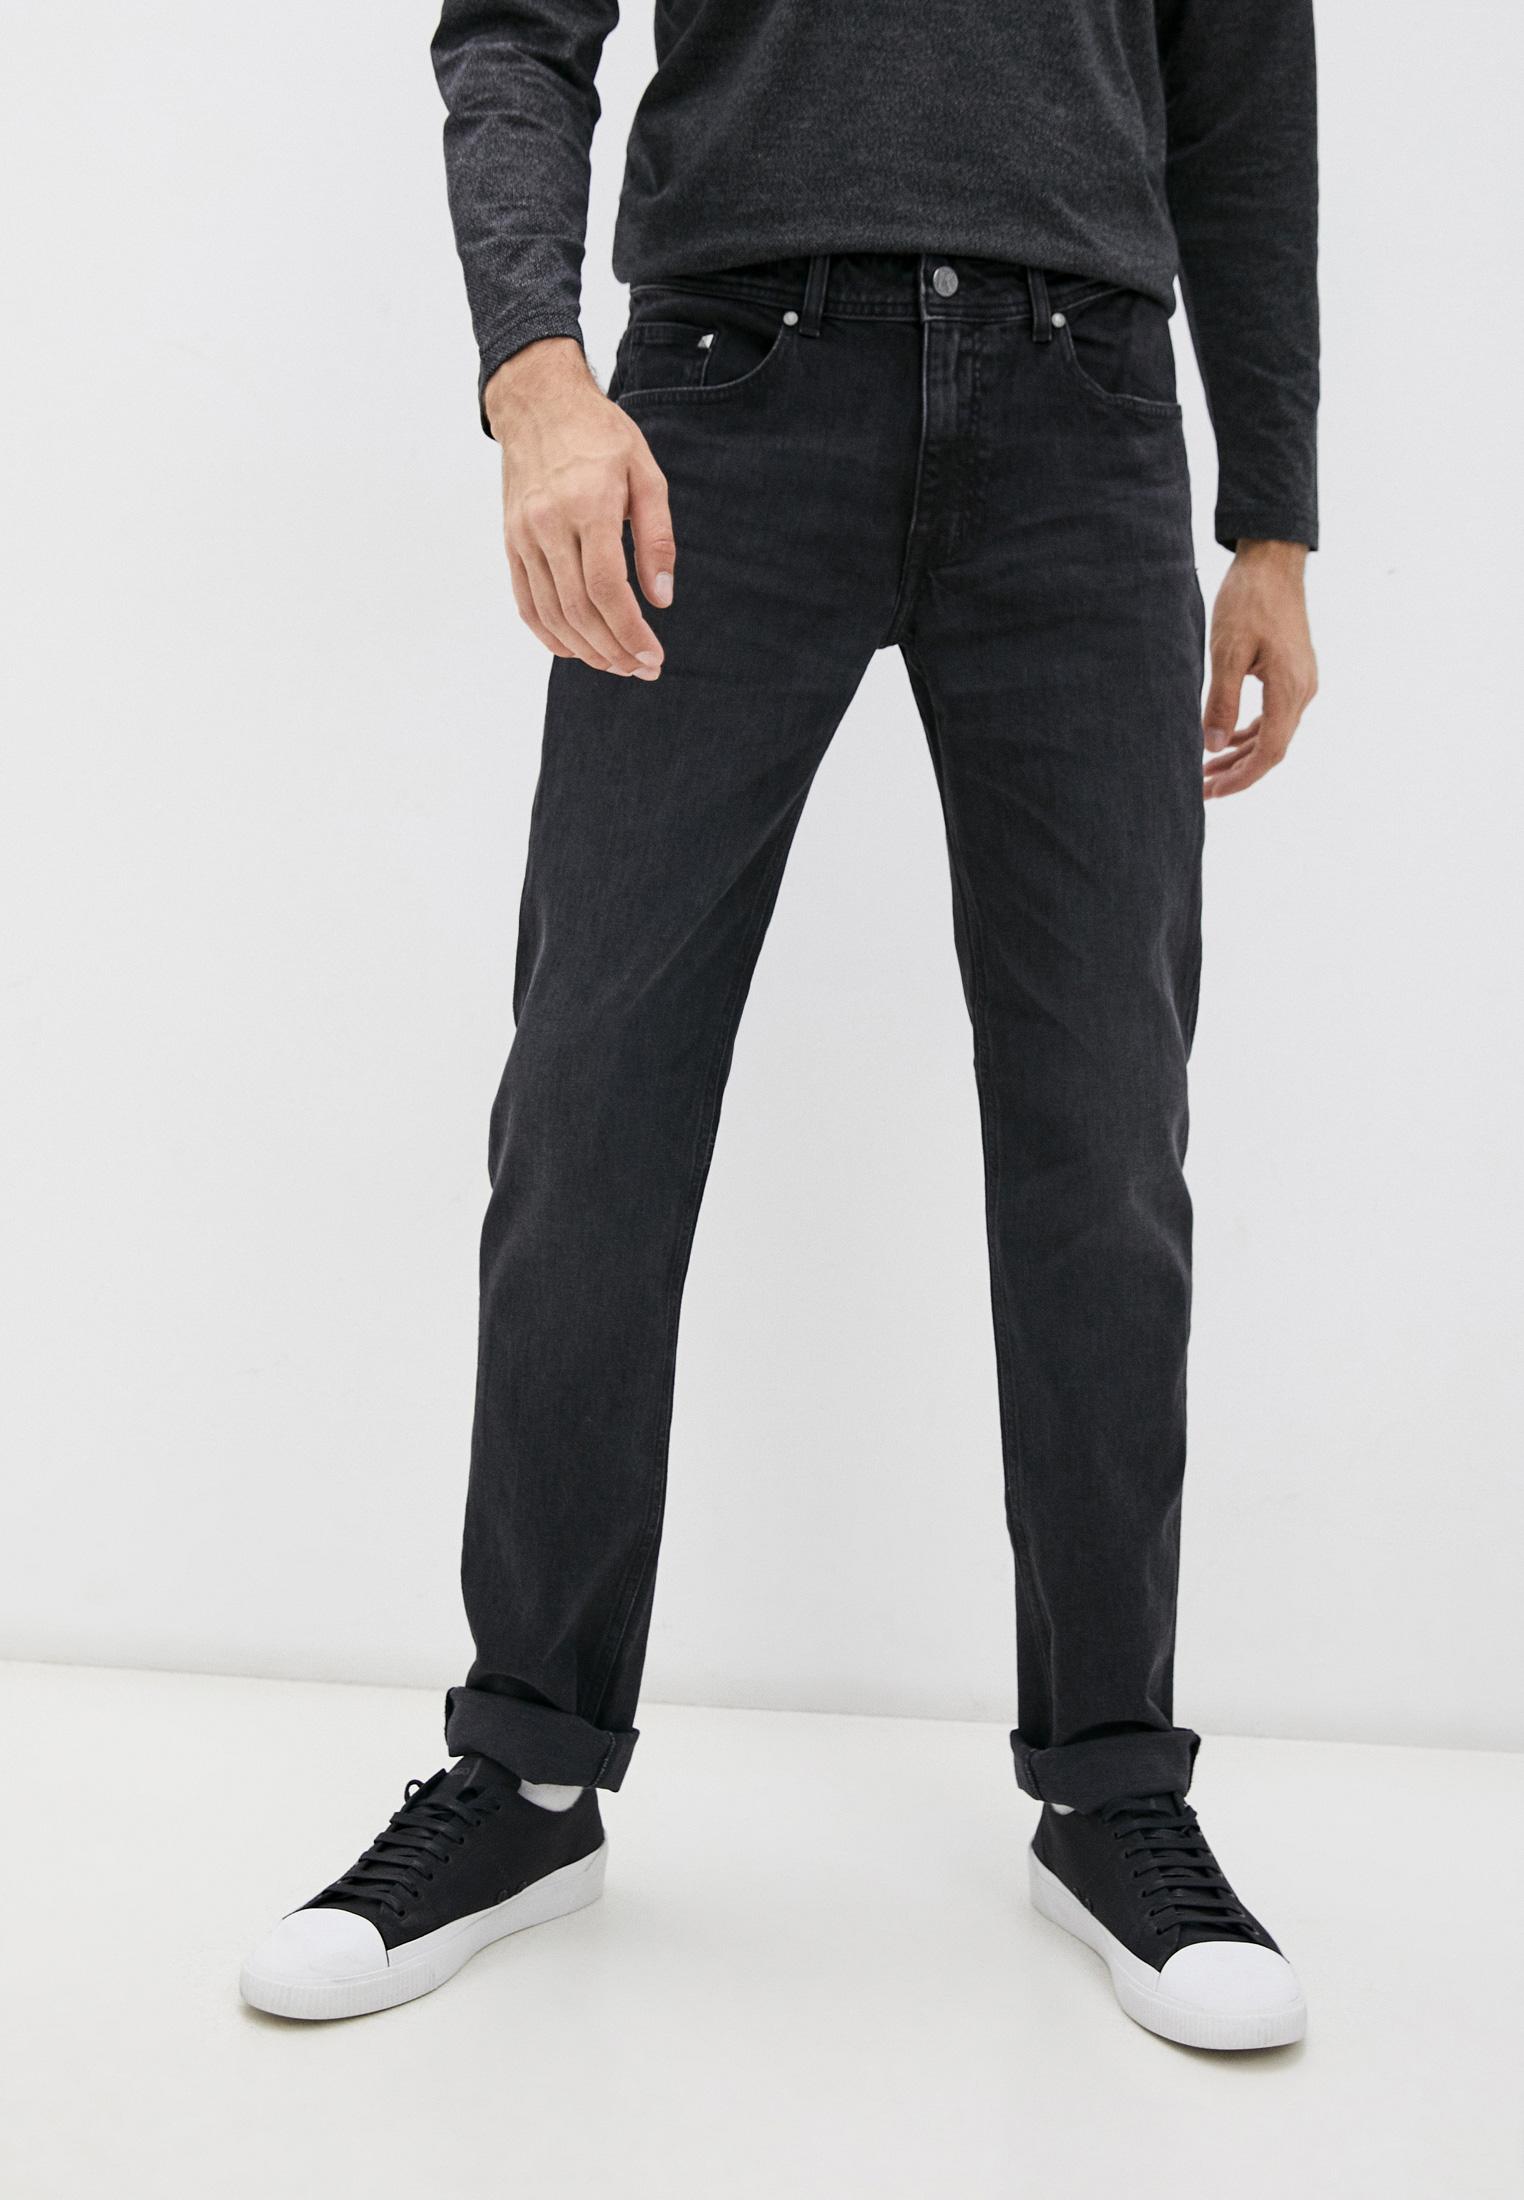 Зауженные джинсы Karl Lagerfeld 500899-265840